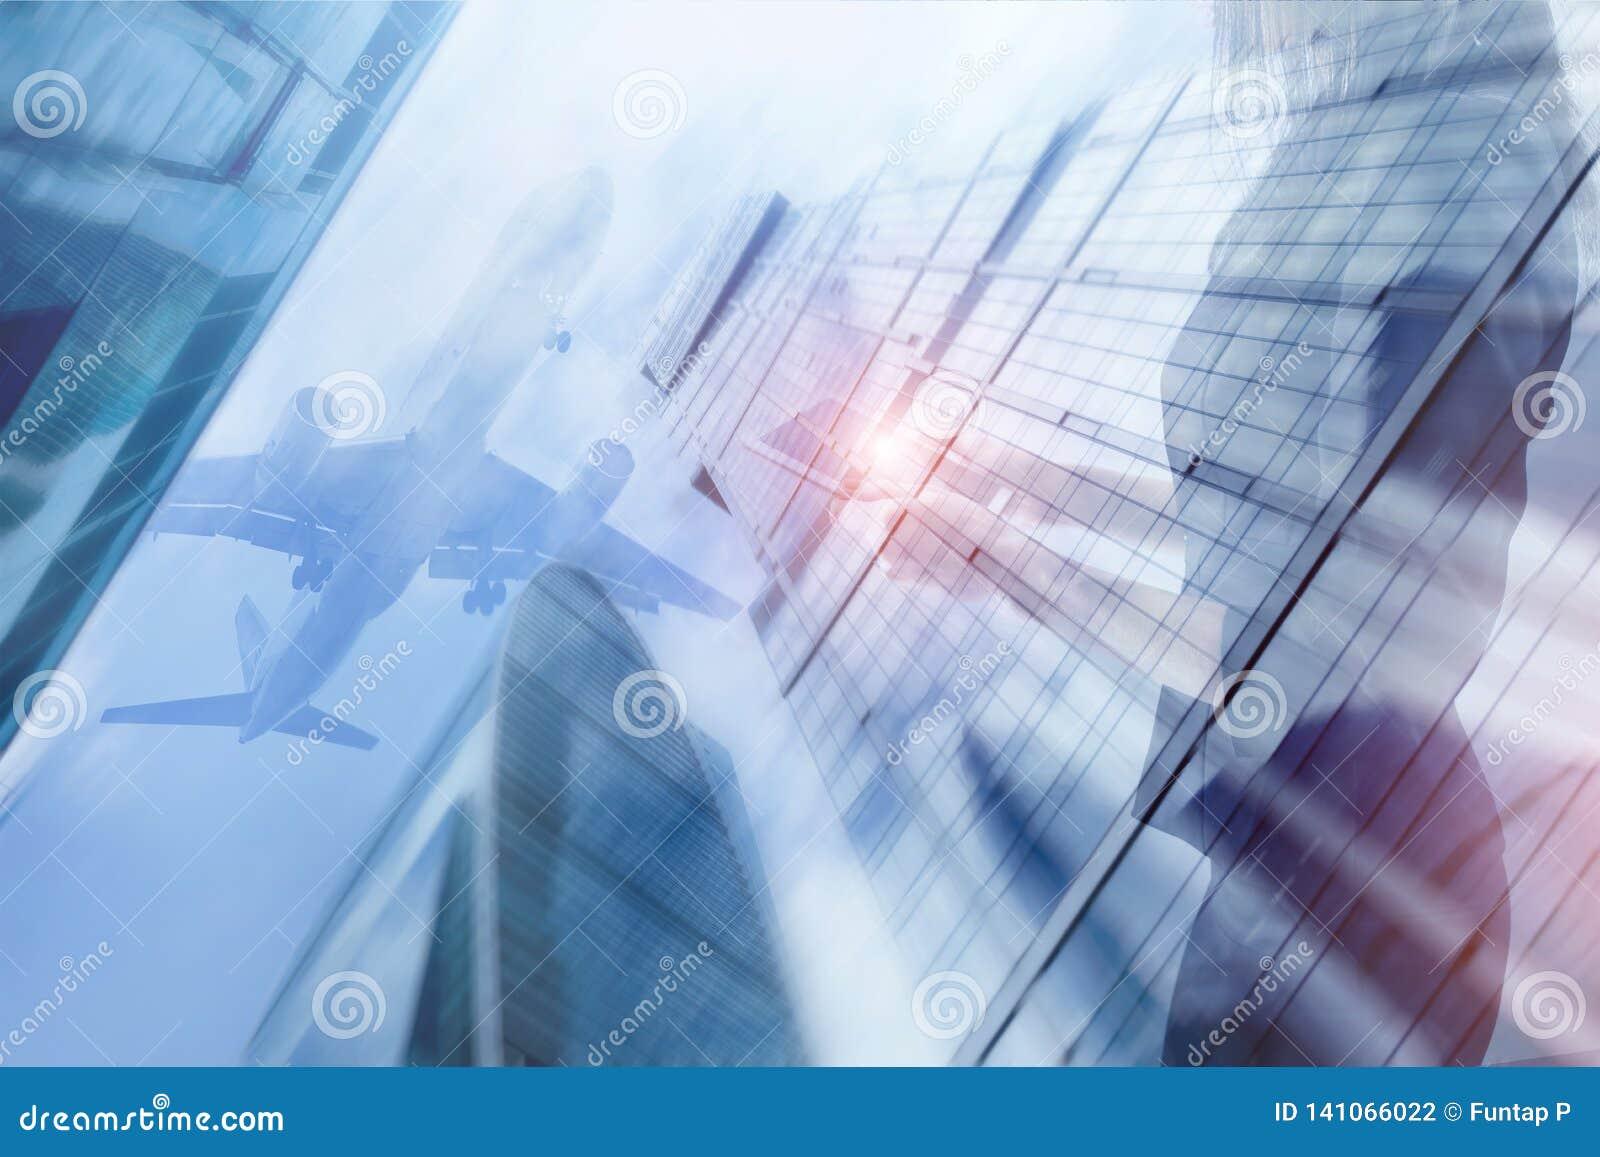 Η νέα όμορφη γυναίκα με το φορητό μαξιλάρι αφής στα χέρια απολαμβάνει το εμπορικό κέντρο άποψης το υπόβαθρο αεροπλάνων μικτός